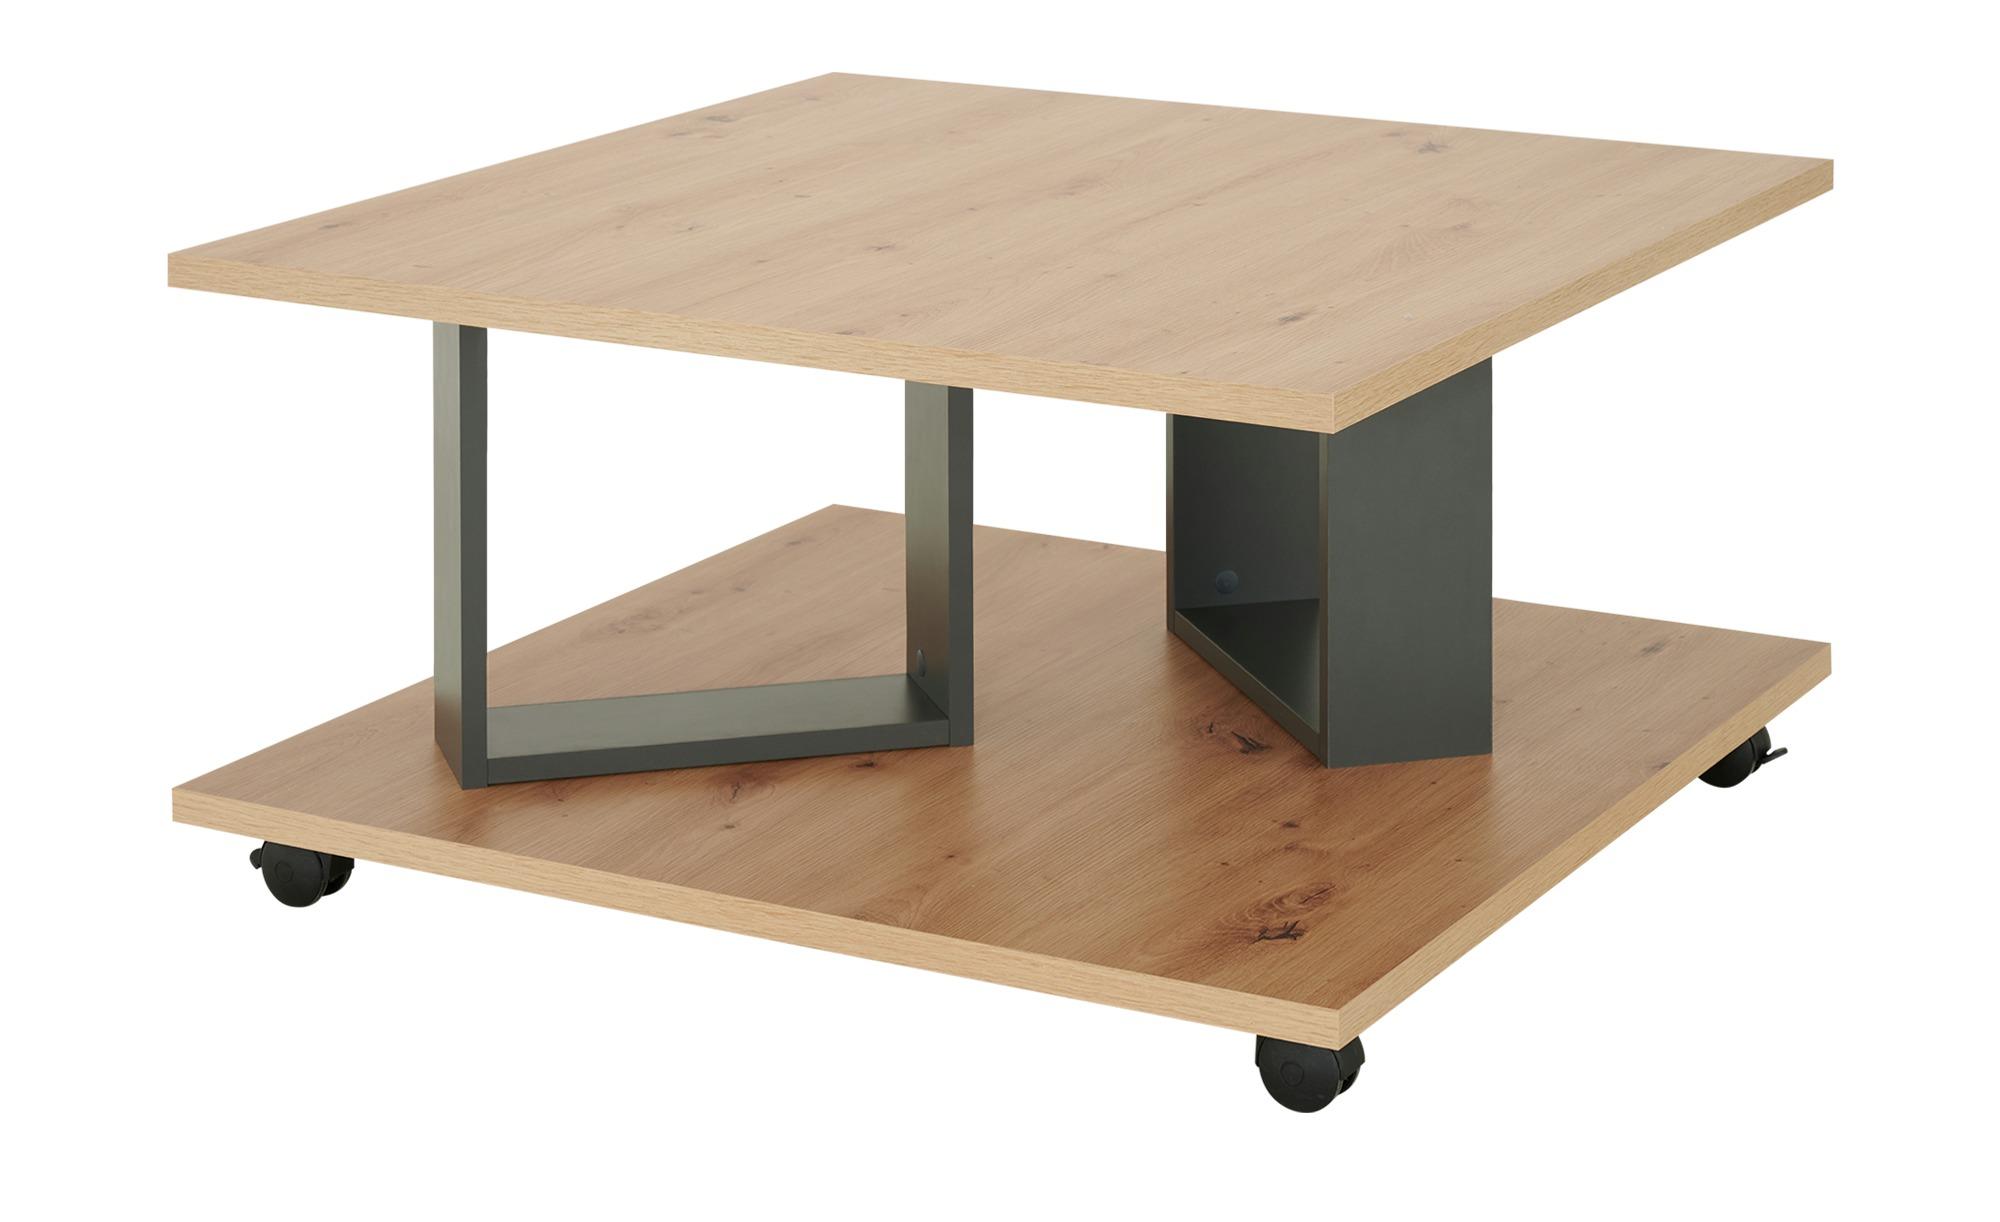 Couchtisch  Arez ¦ holzfarben ¦ Maße (cm): B: 80 H: 40 Tische > Couchtische > Couchtische rechteckig - Höffner